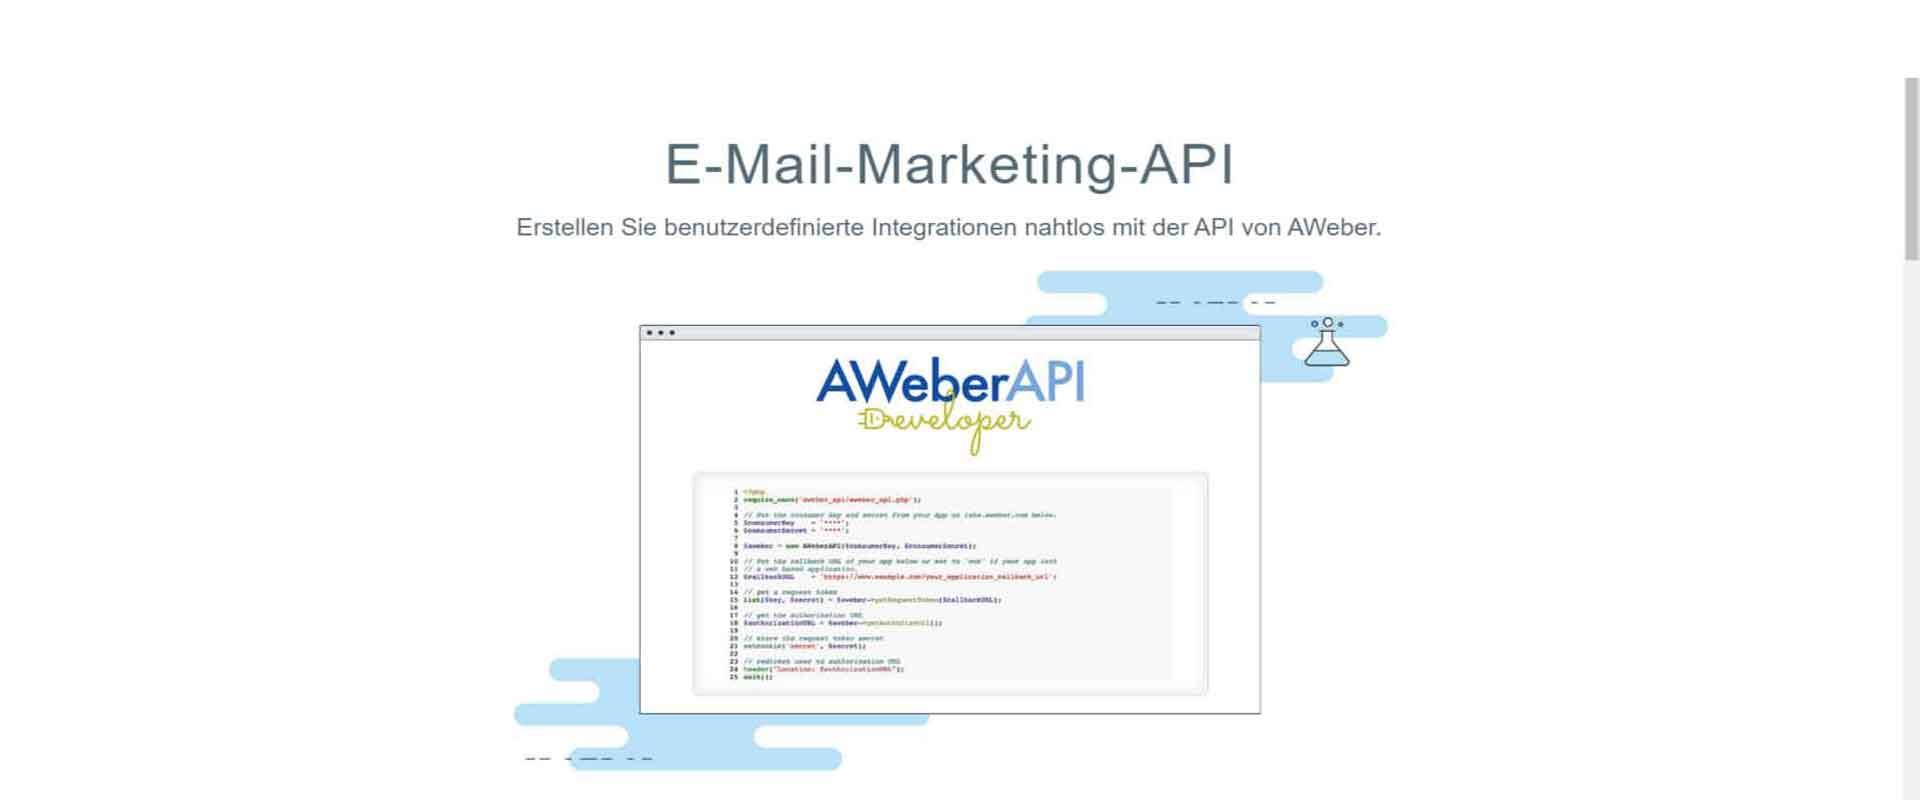 AW-E-Mail-MArketing-API